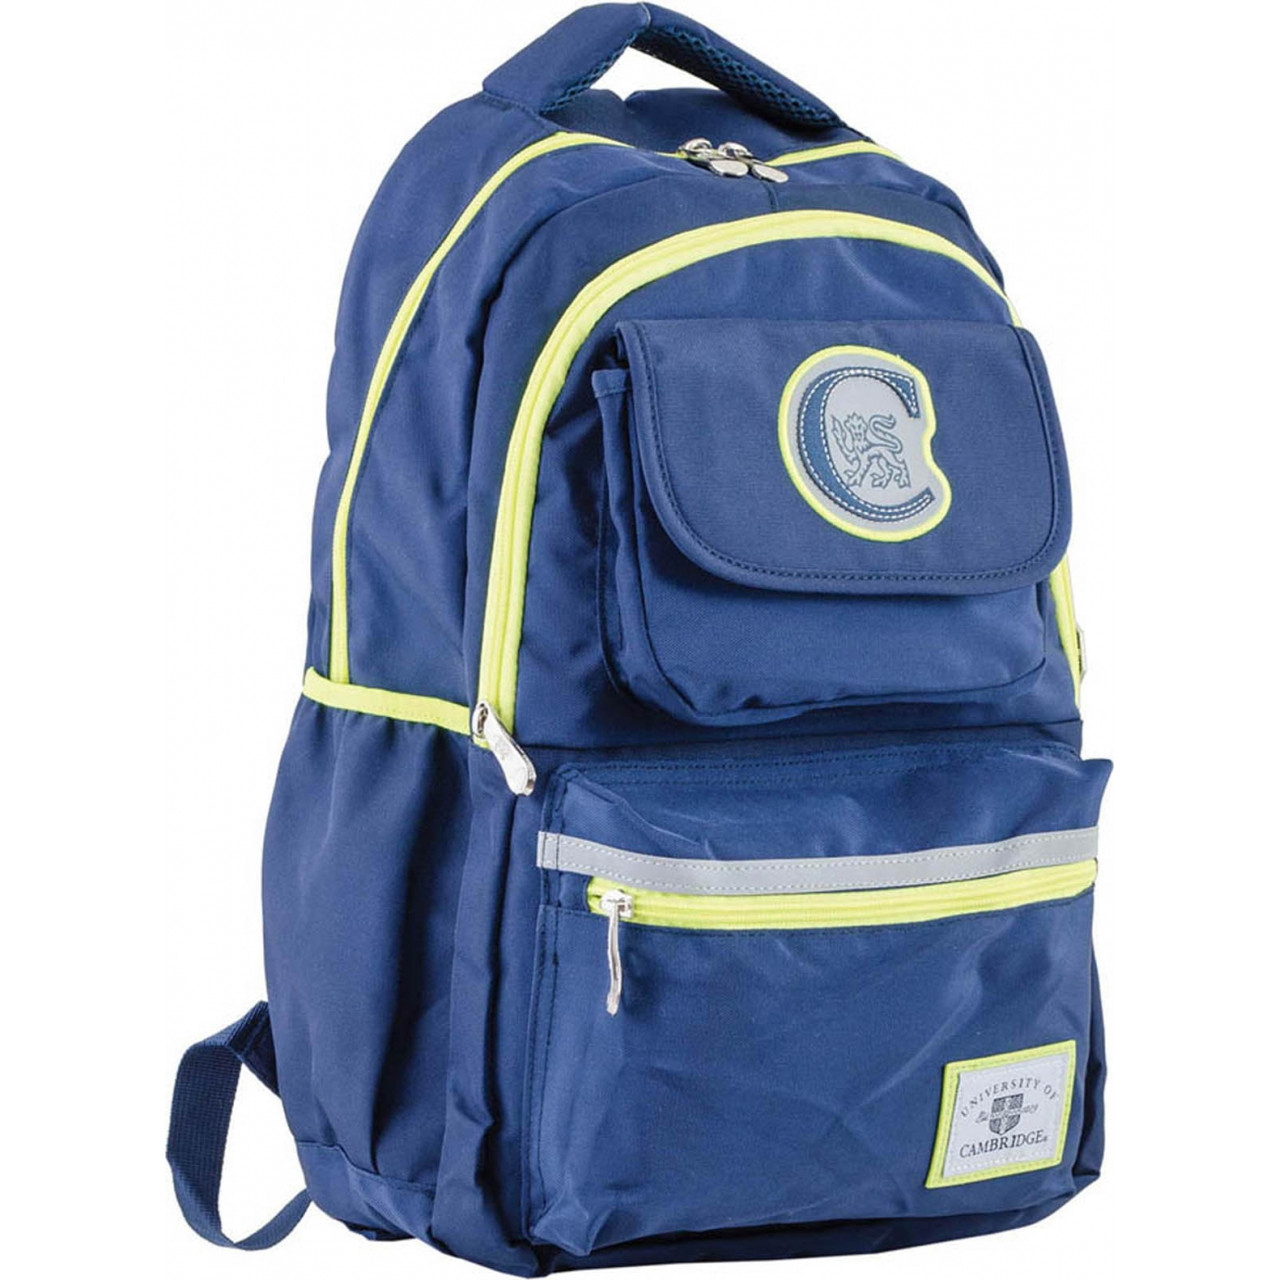 Рюкзак подростковый CA 104, синий, 31*46*14